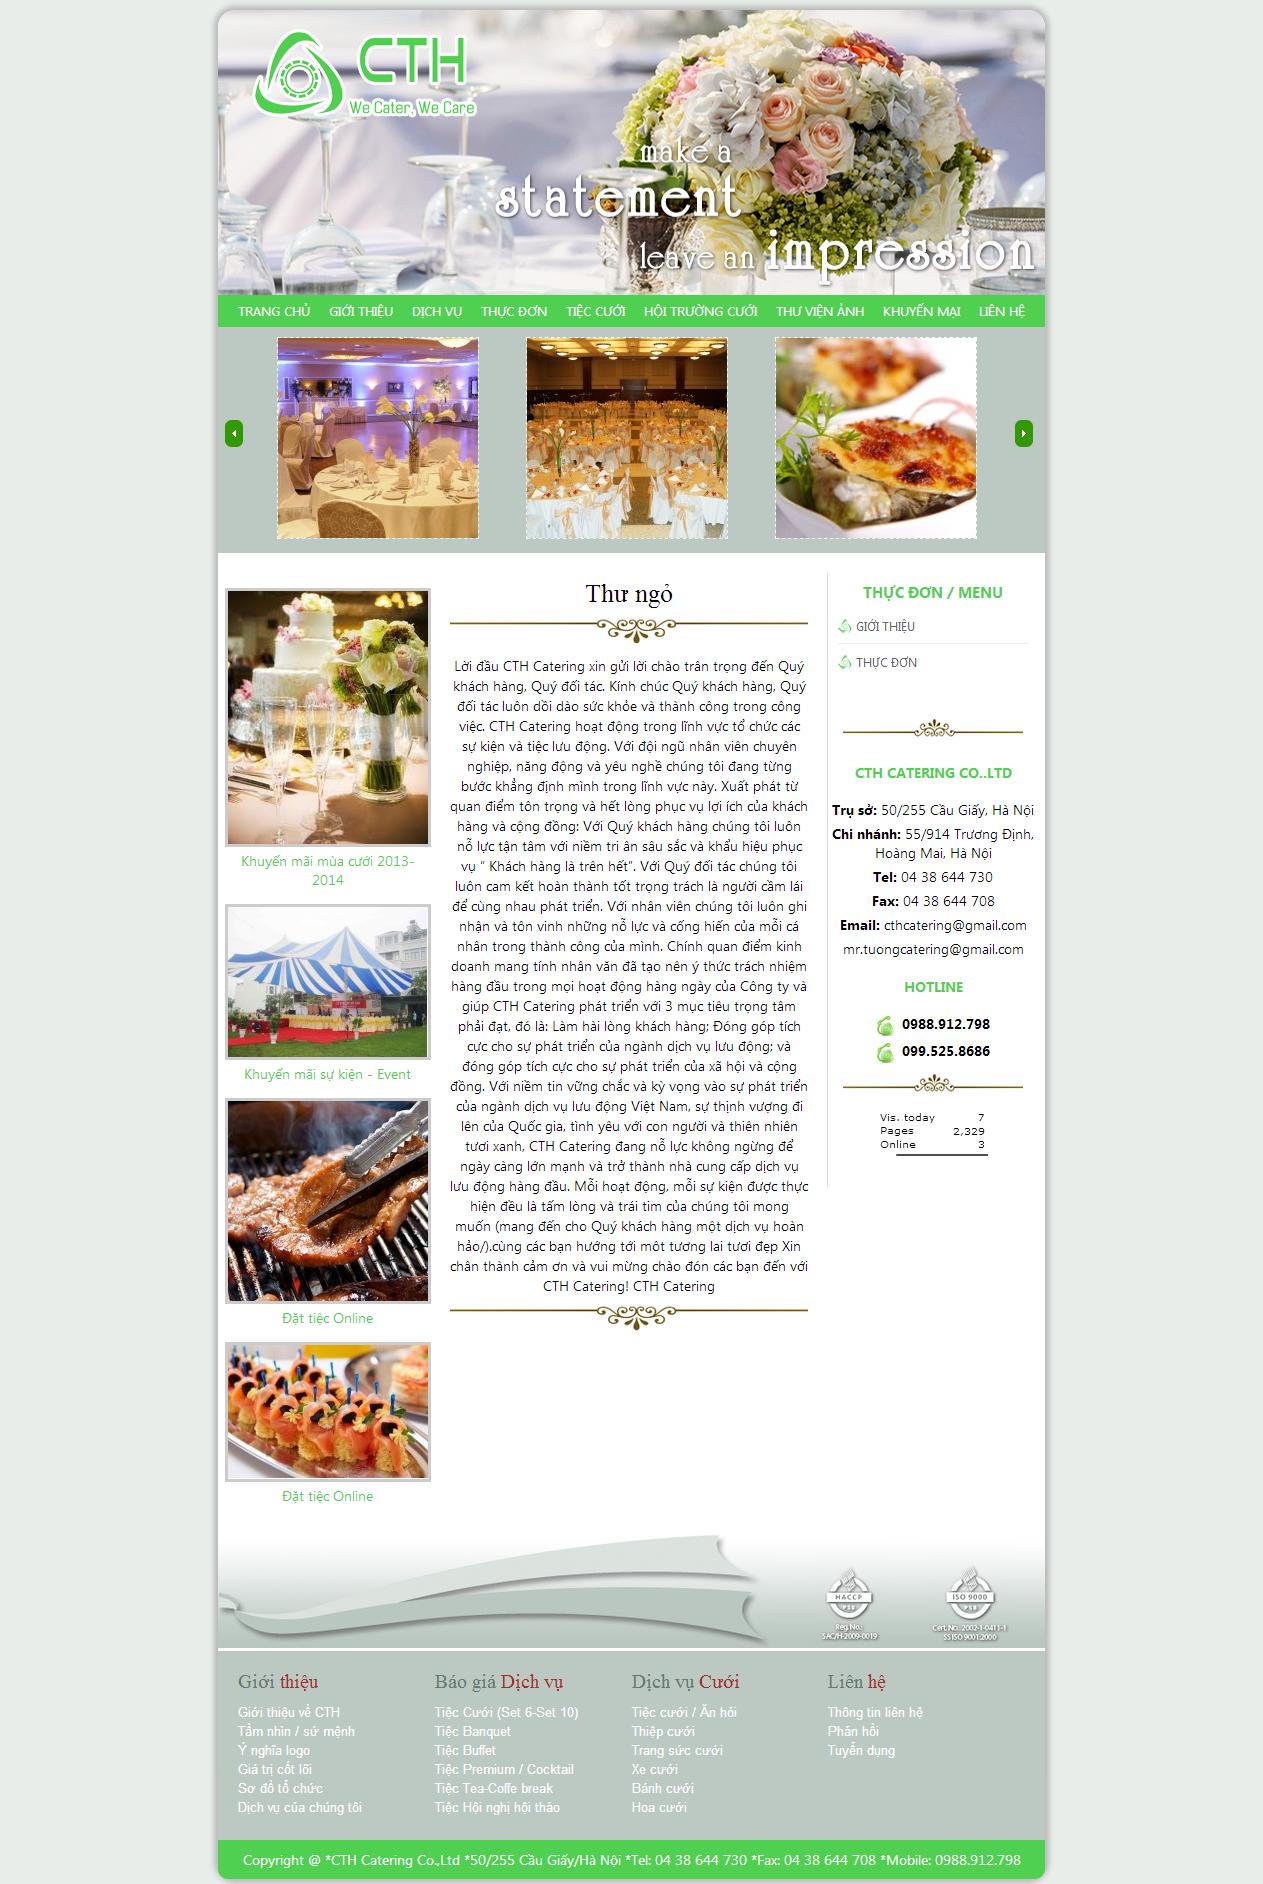 web giá rẻ nhà hàng tiệc cưới